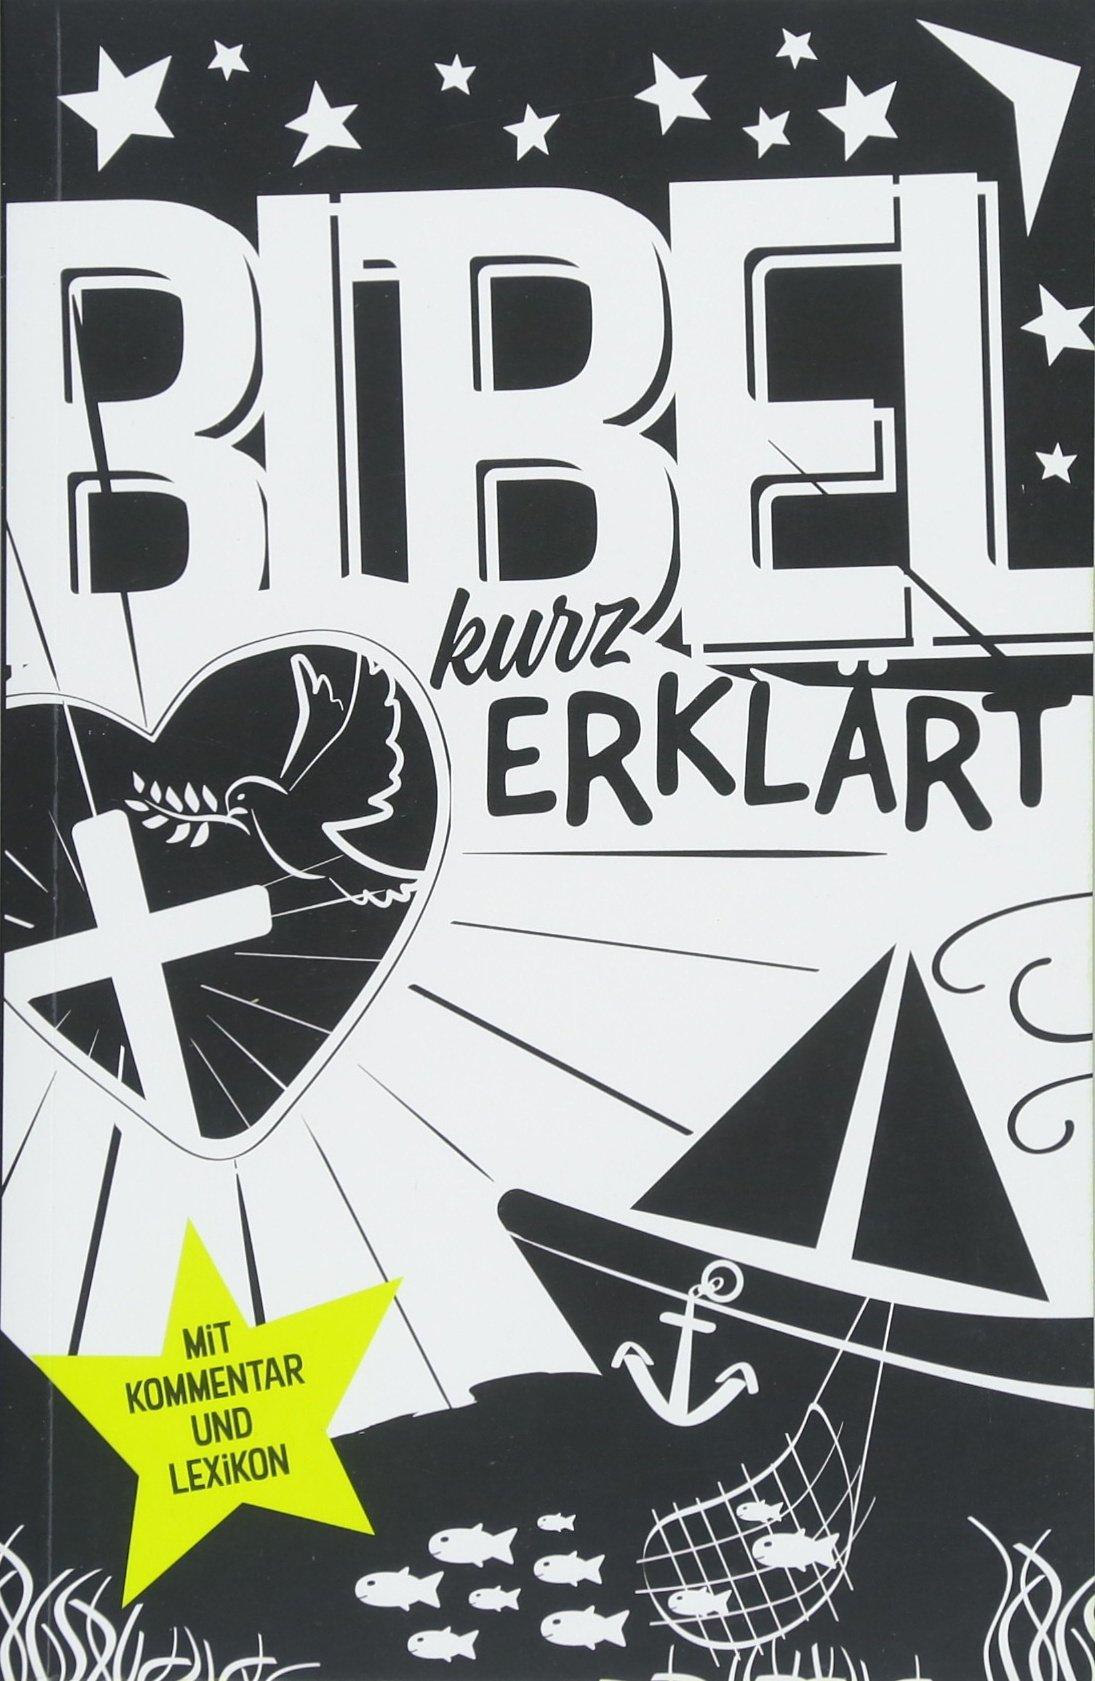 bibel-kurz-erklrt-mit-kommentar-und-lexikon